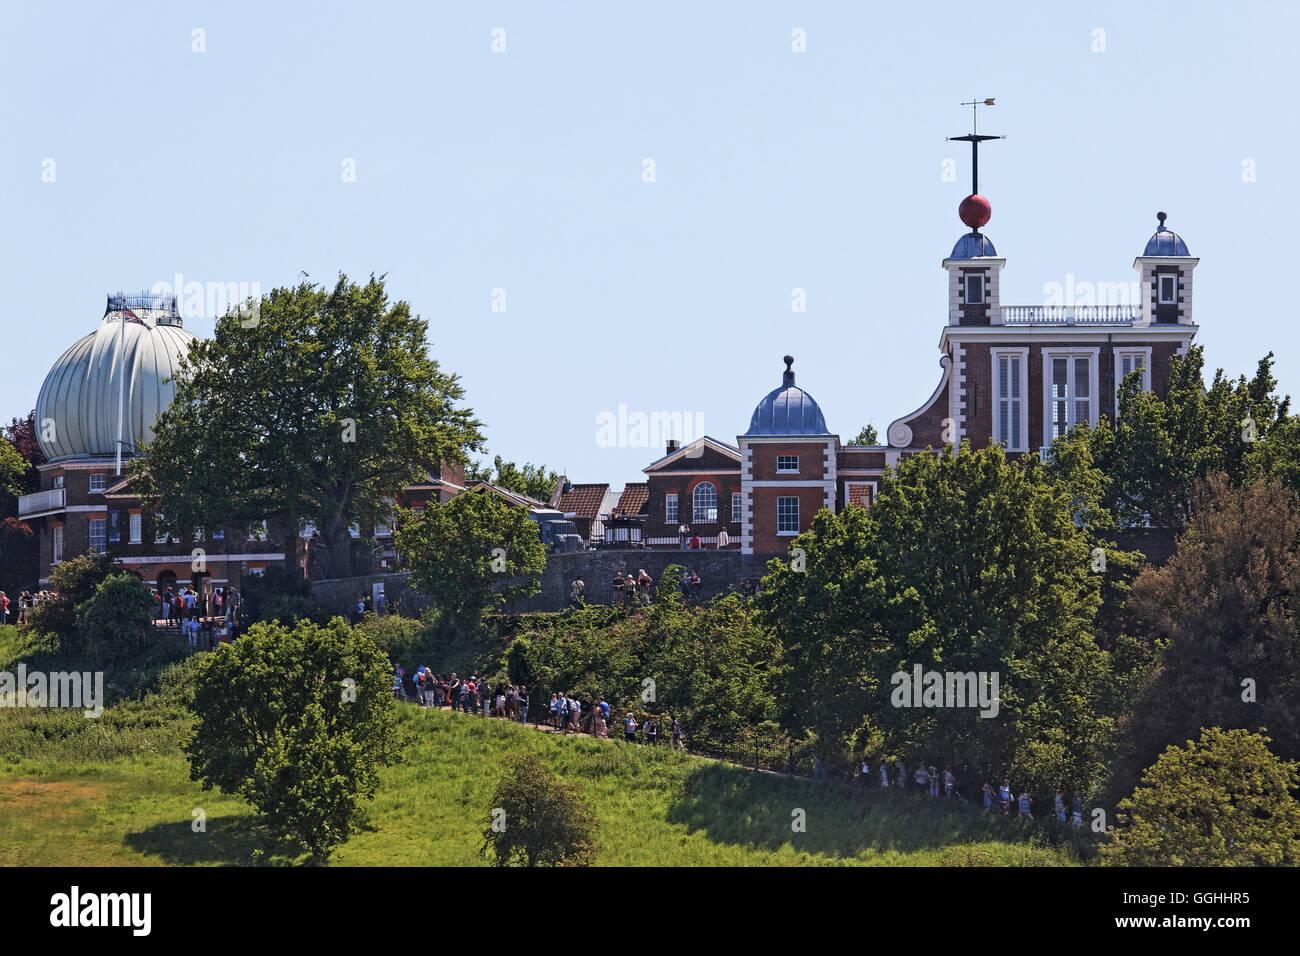 Il Royal Observatory di Greenwich, London, England, Regno Unito Immagini Stock